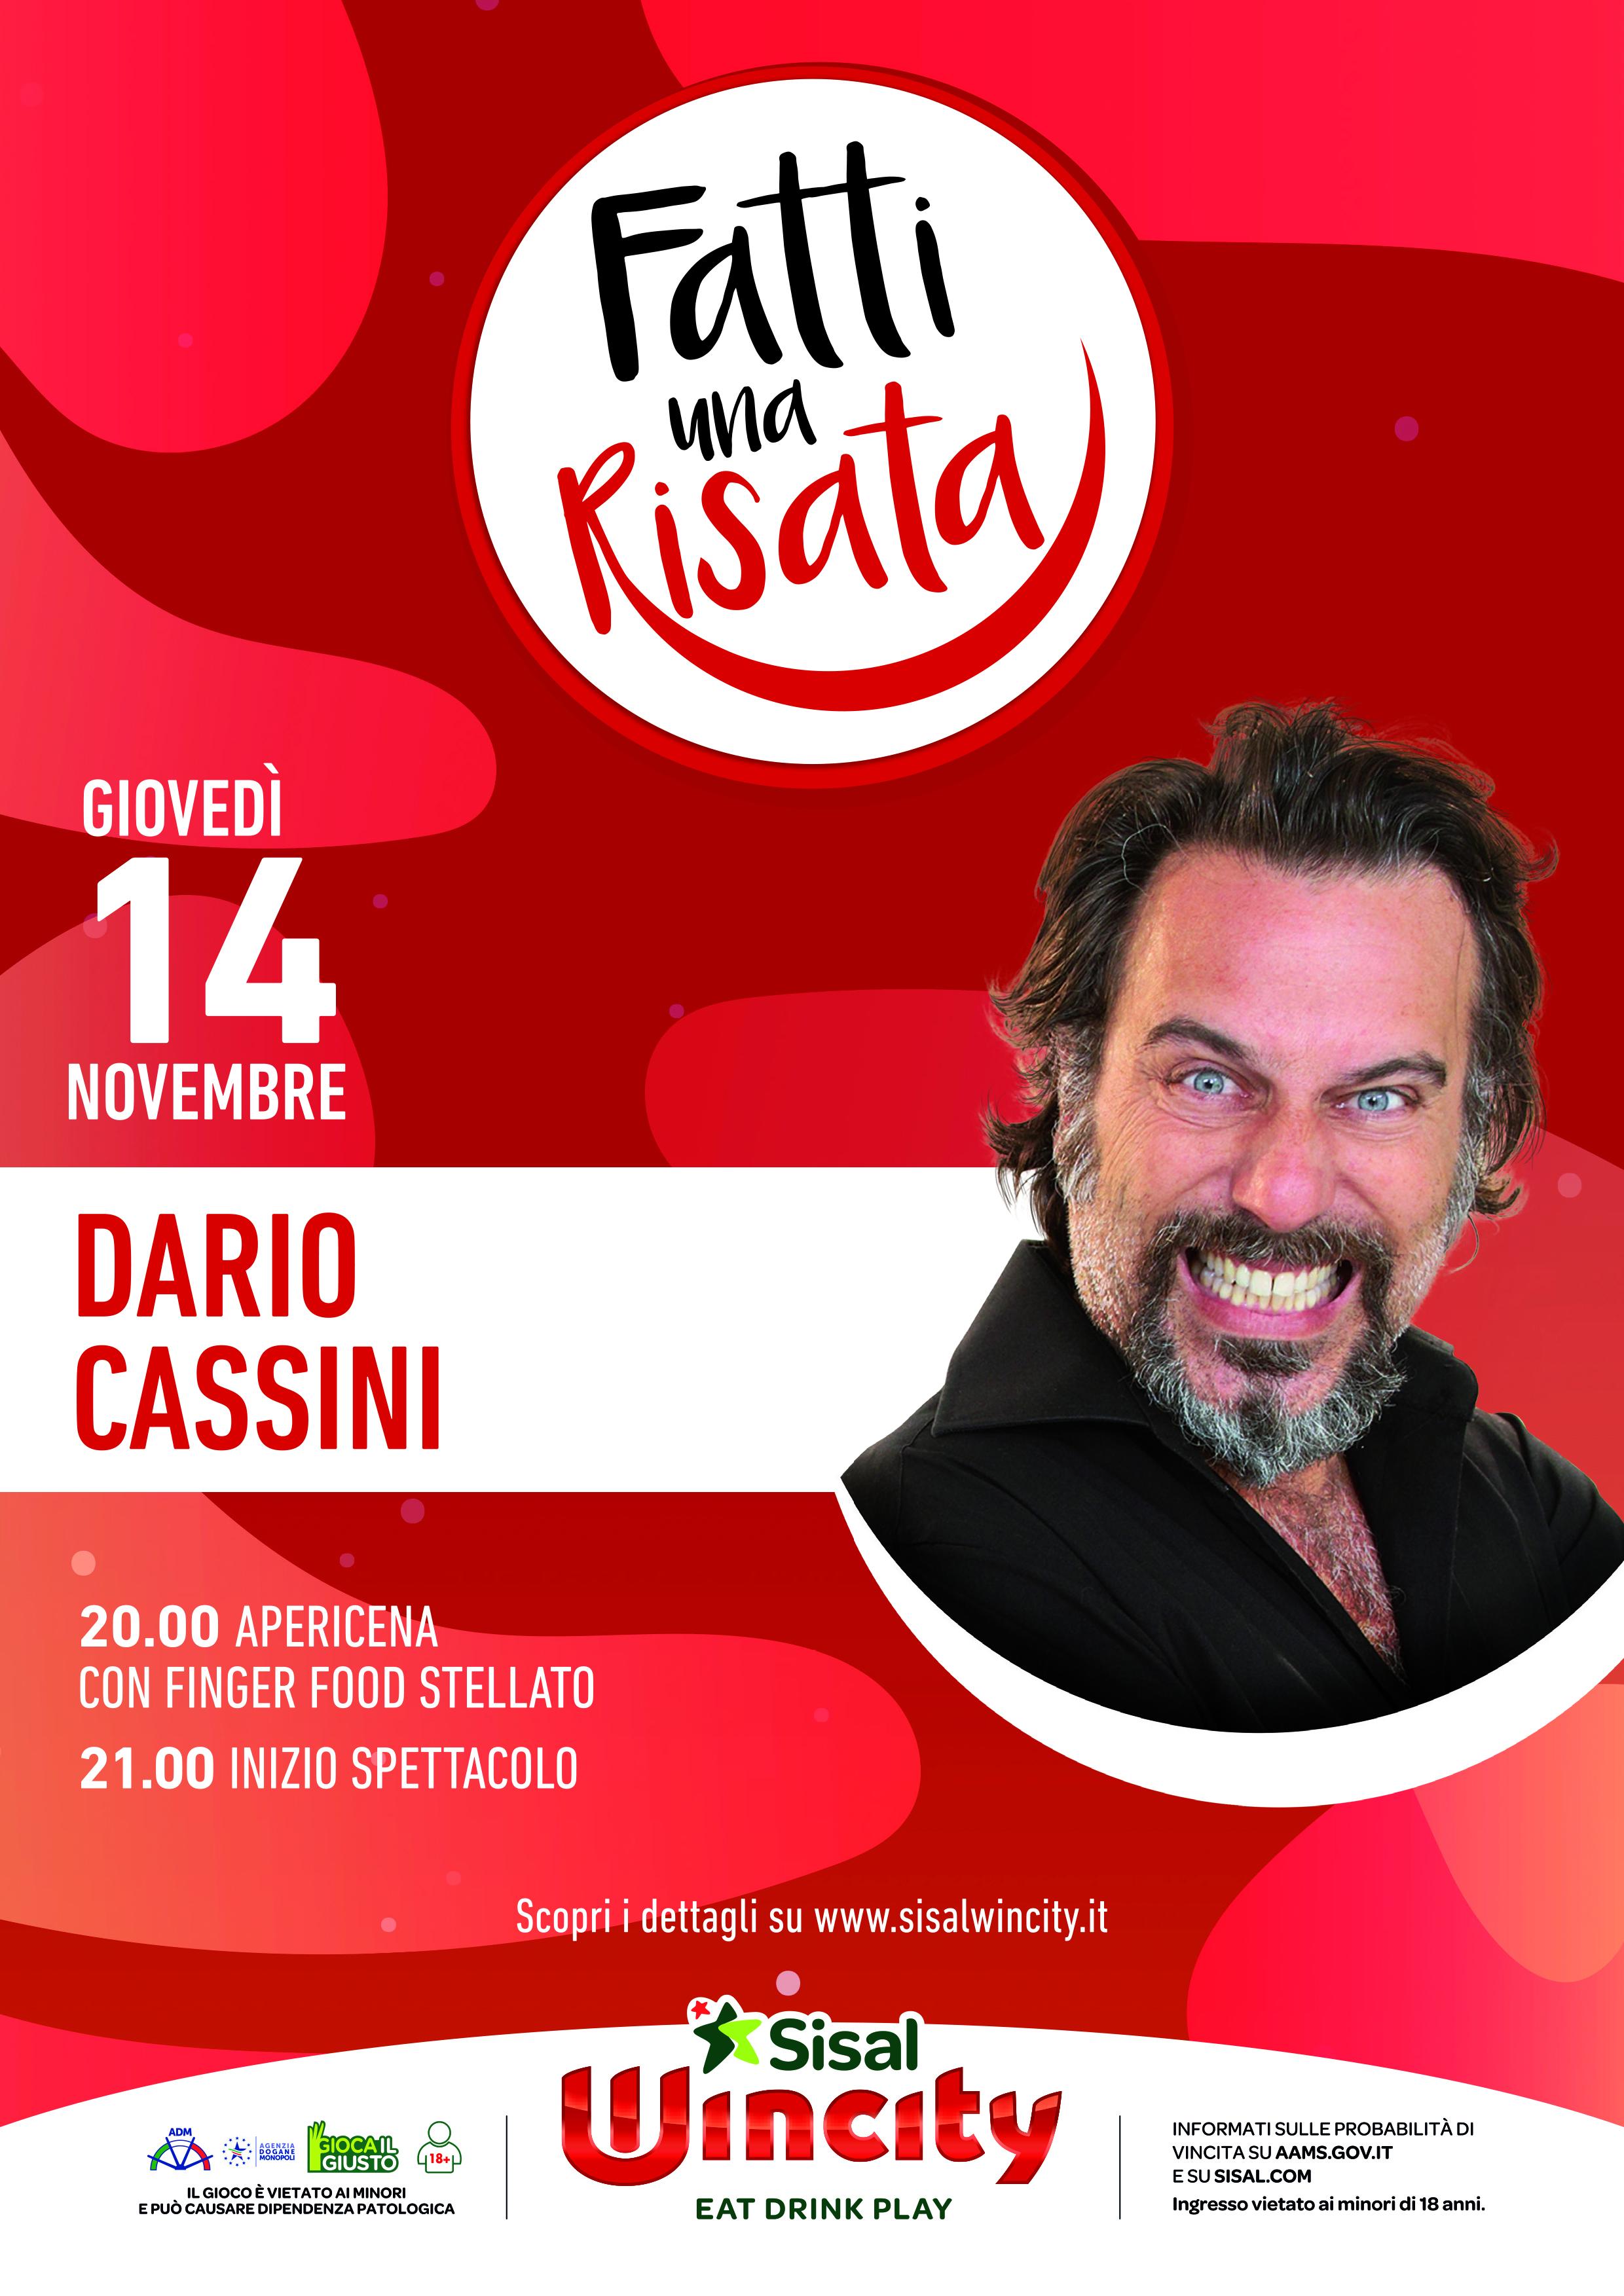 A_061199_LOCA_WC_DARIO CASSINI_A4